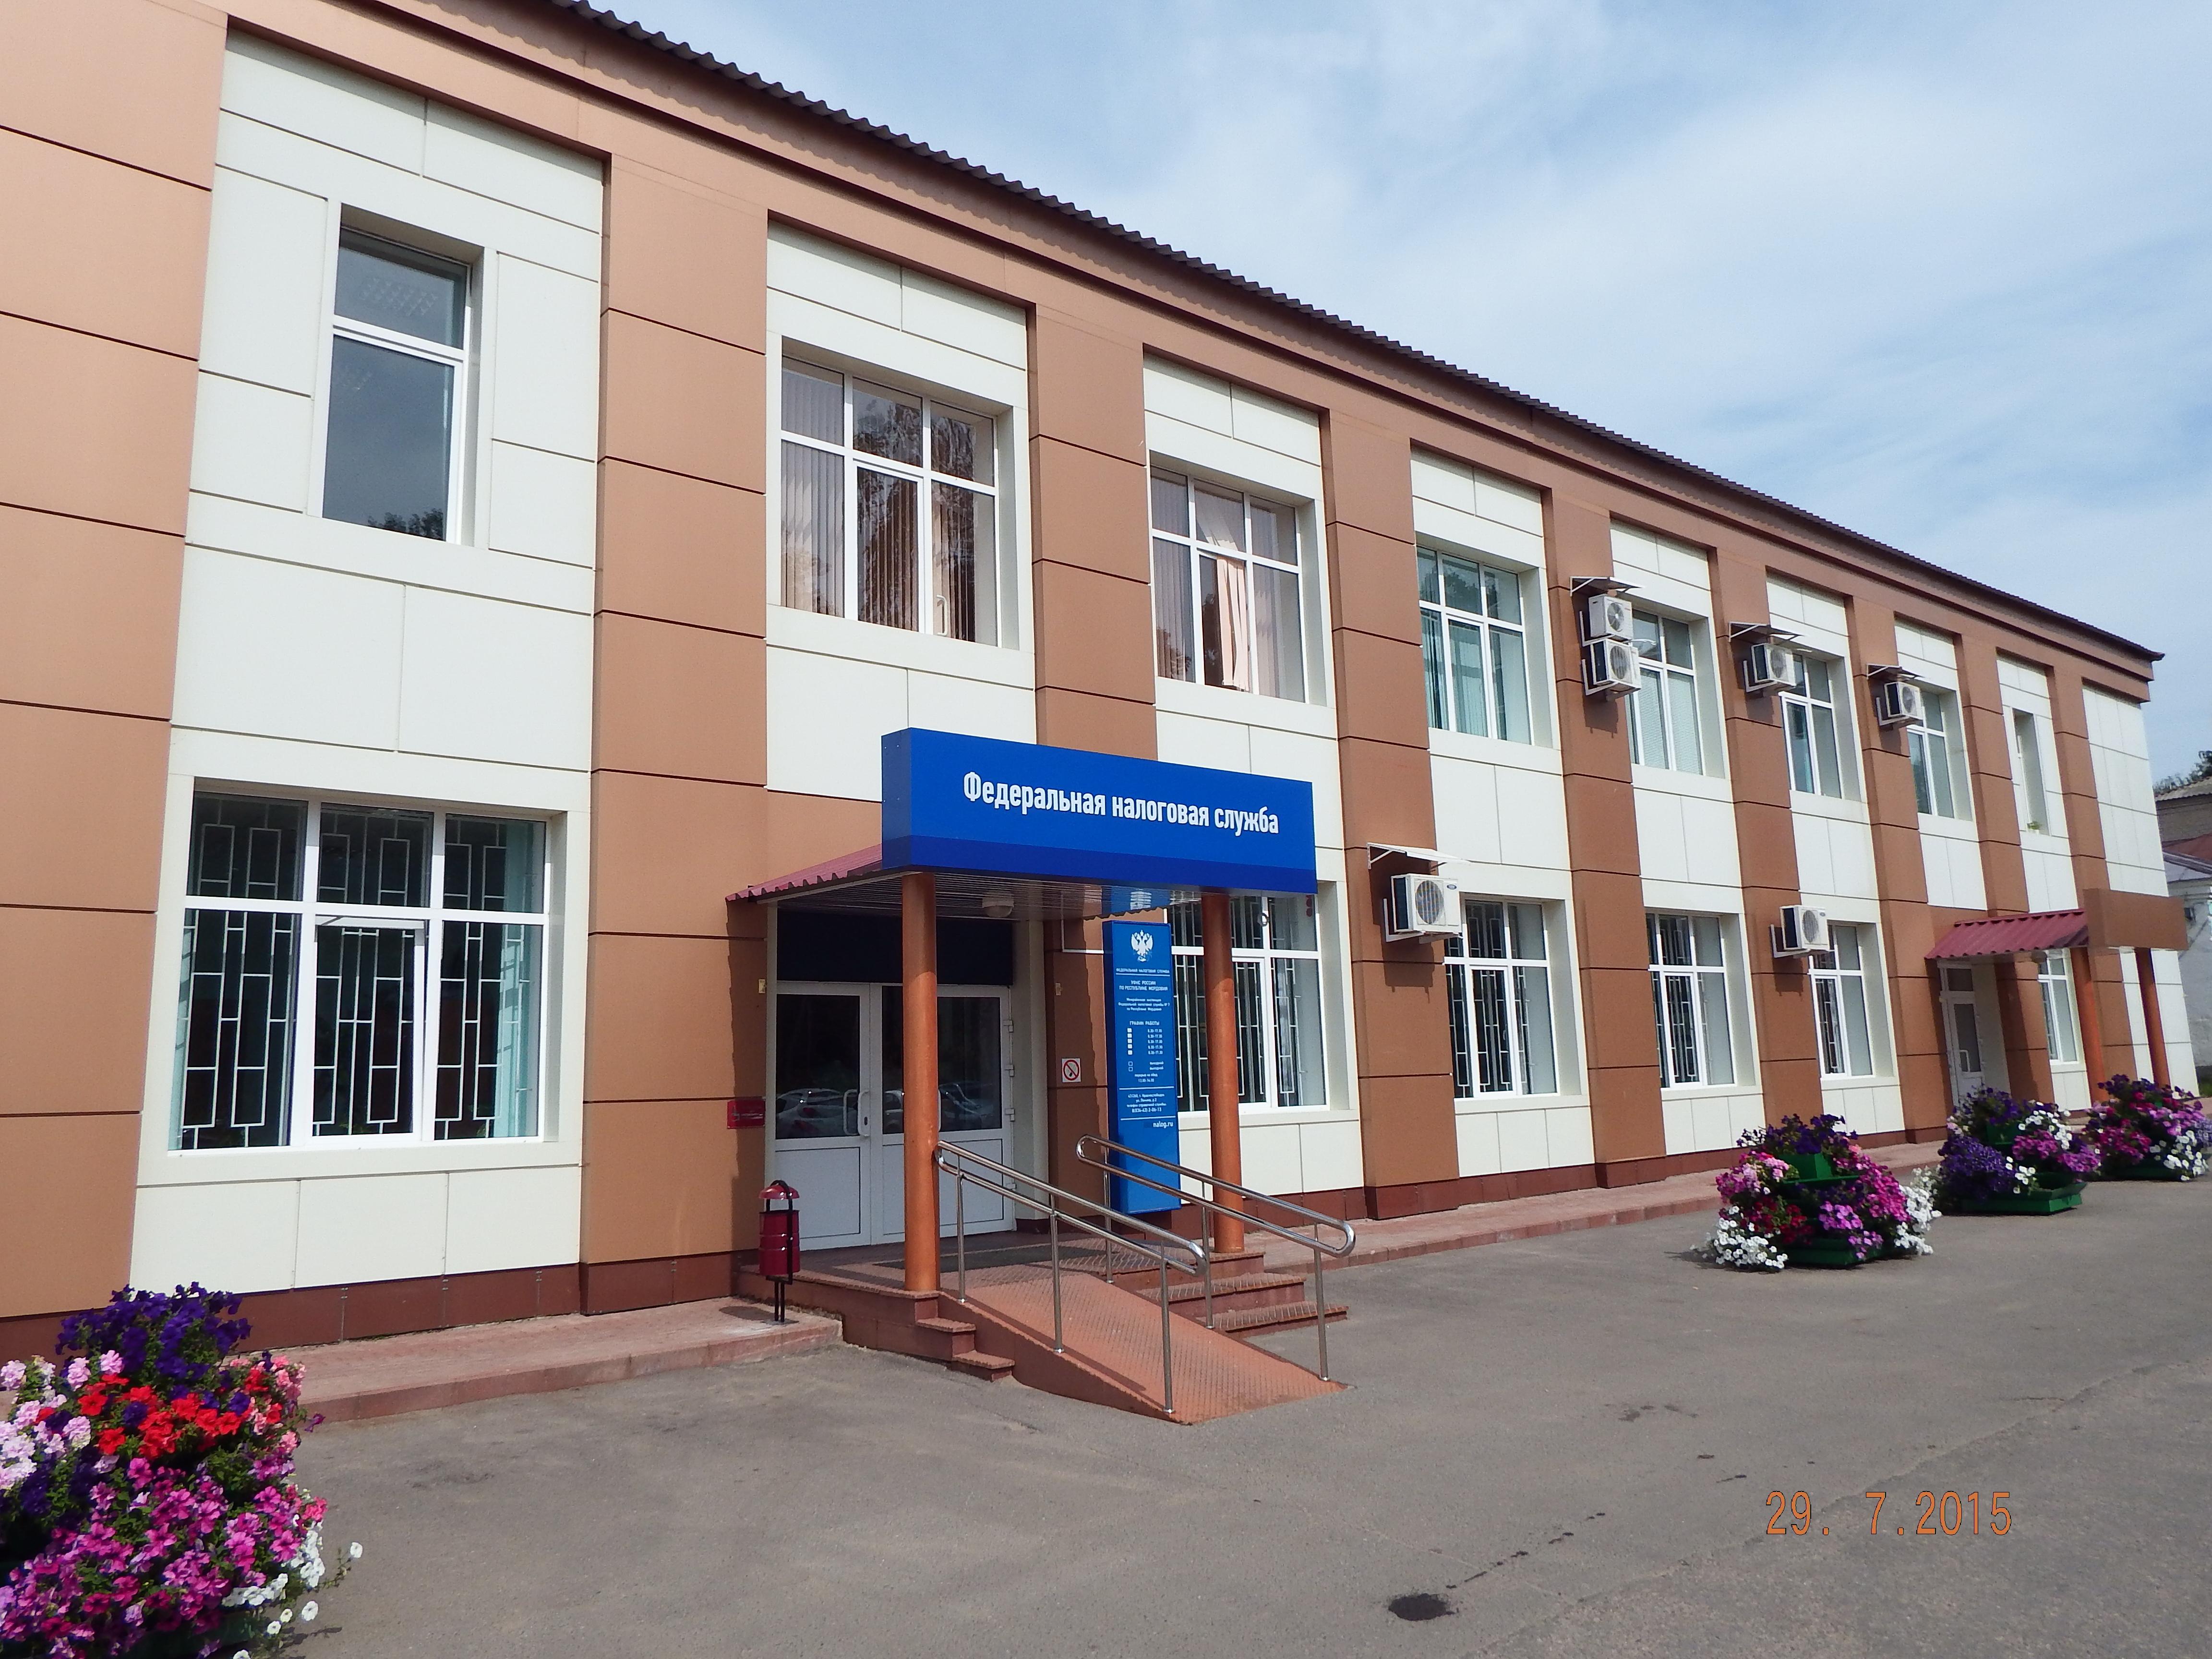 Реквизиты АО quotЯТУquot Ярославль и другая информация о